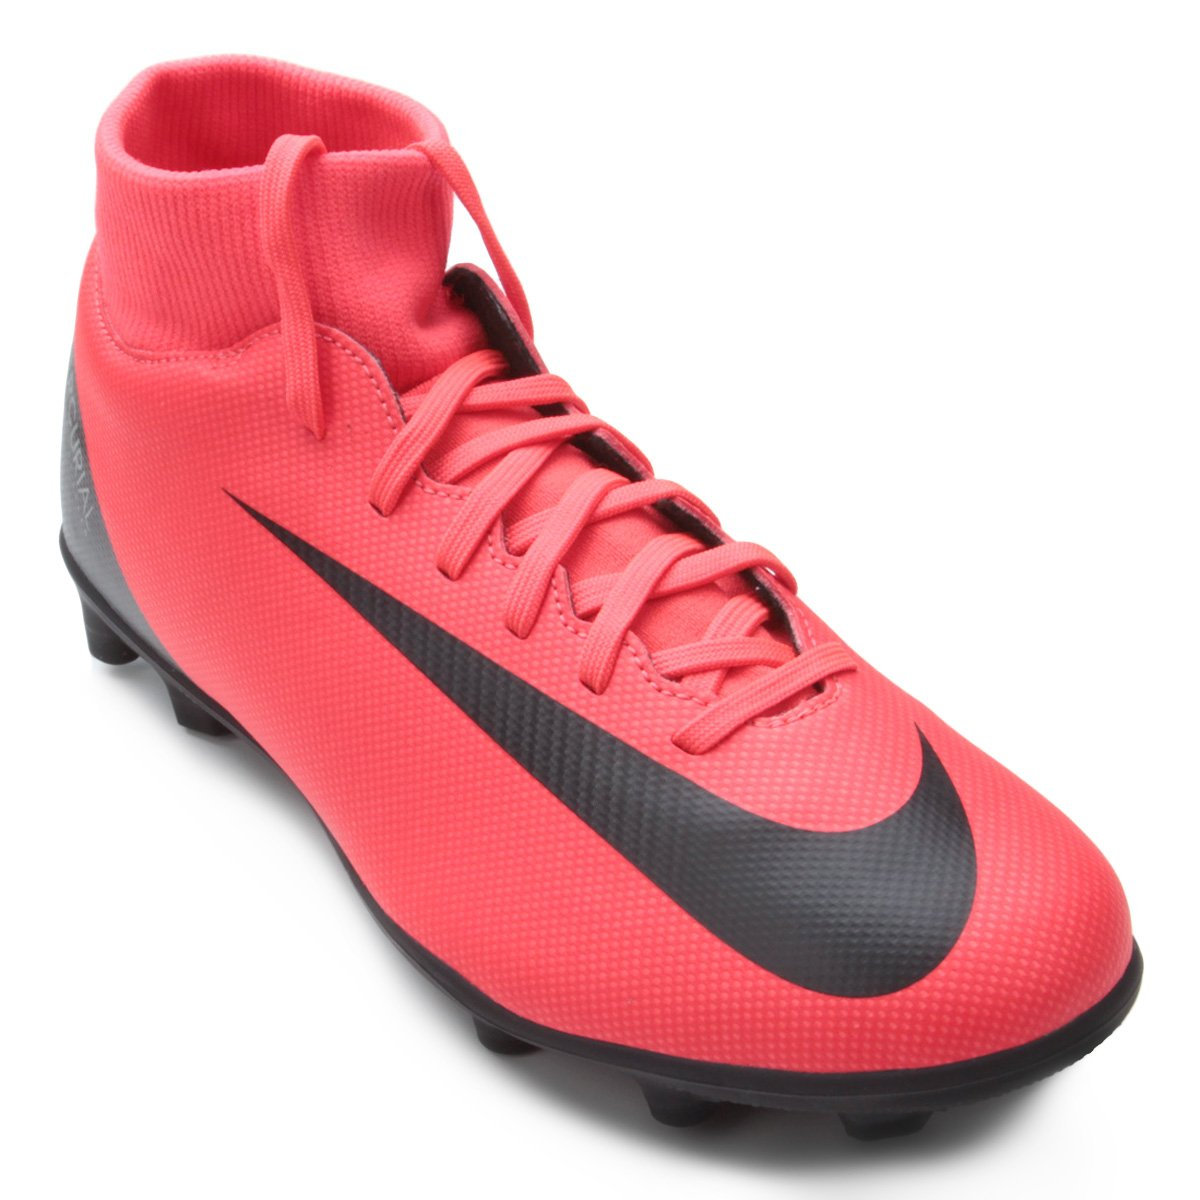 c006f0878d224 Chuteira Campo Nike Mercurial Superfly 6 Club CR7 MG - Vermelho e Preto -  Compre Agora